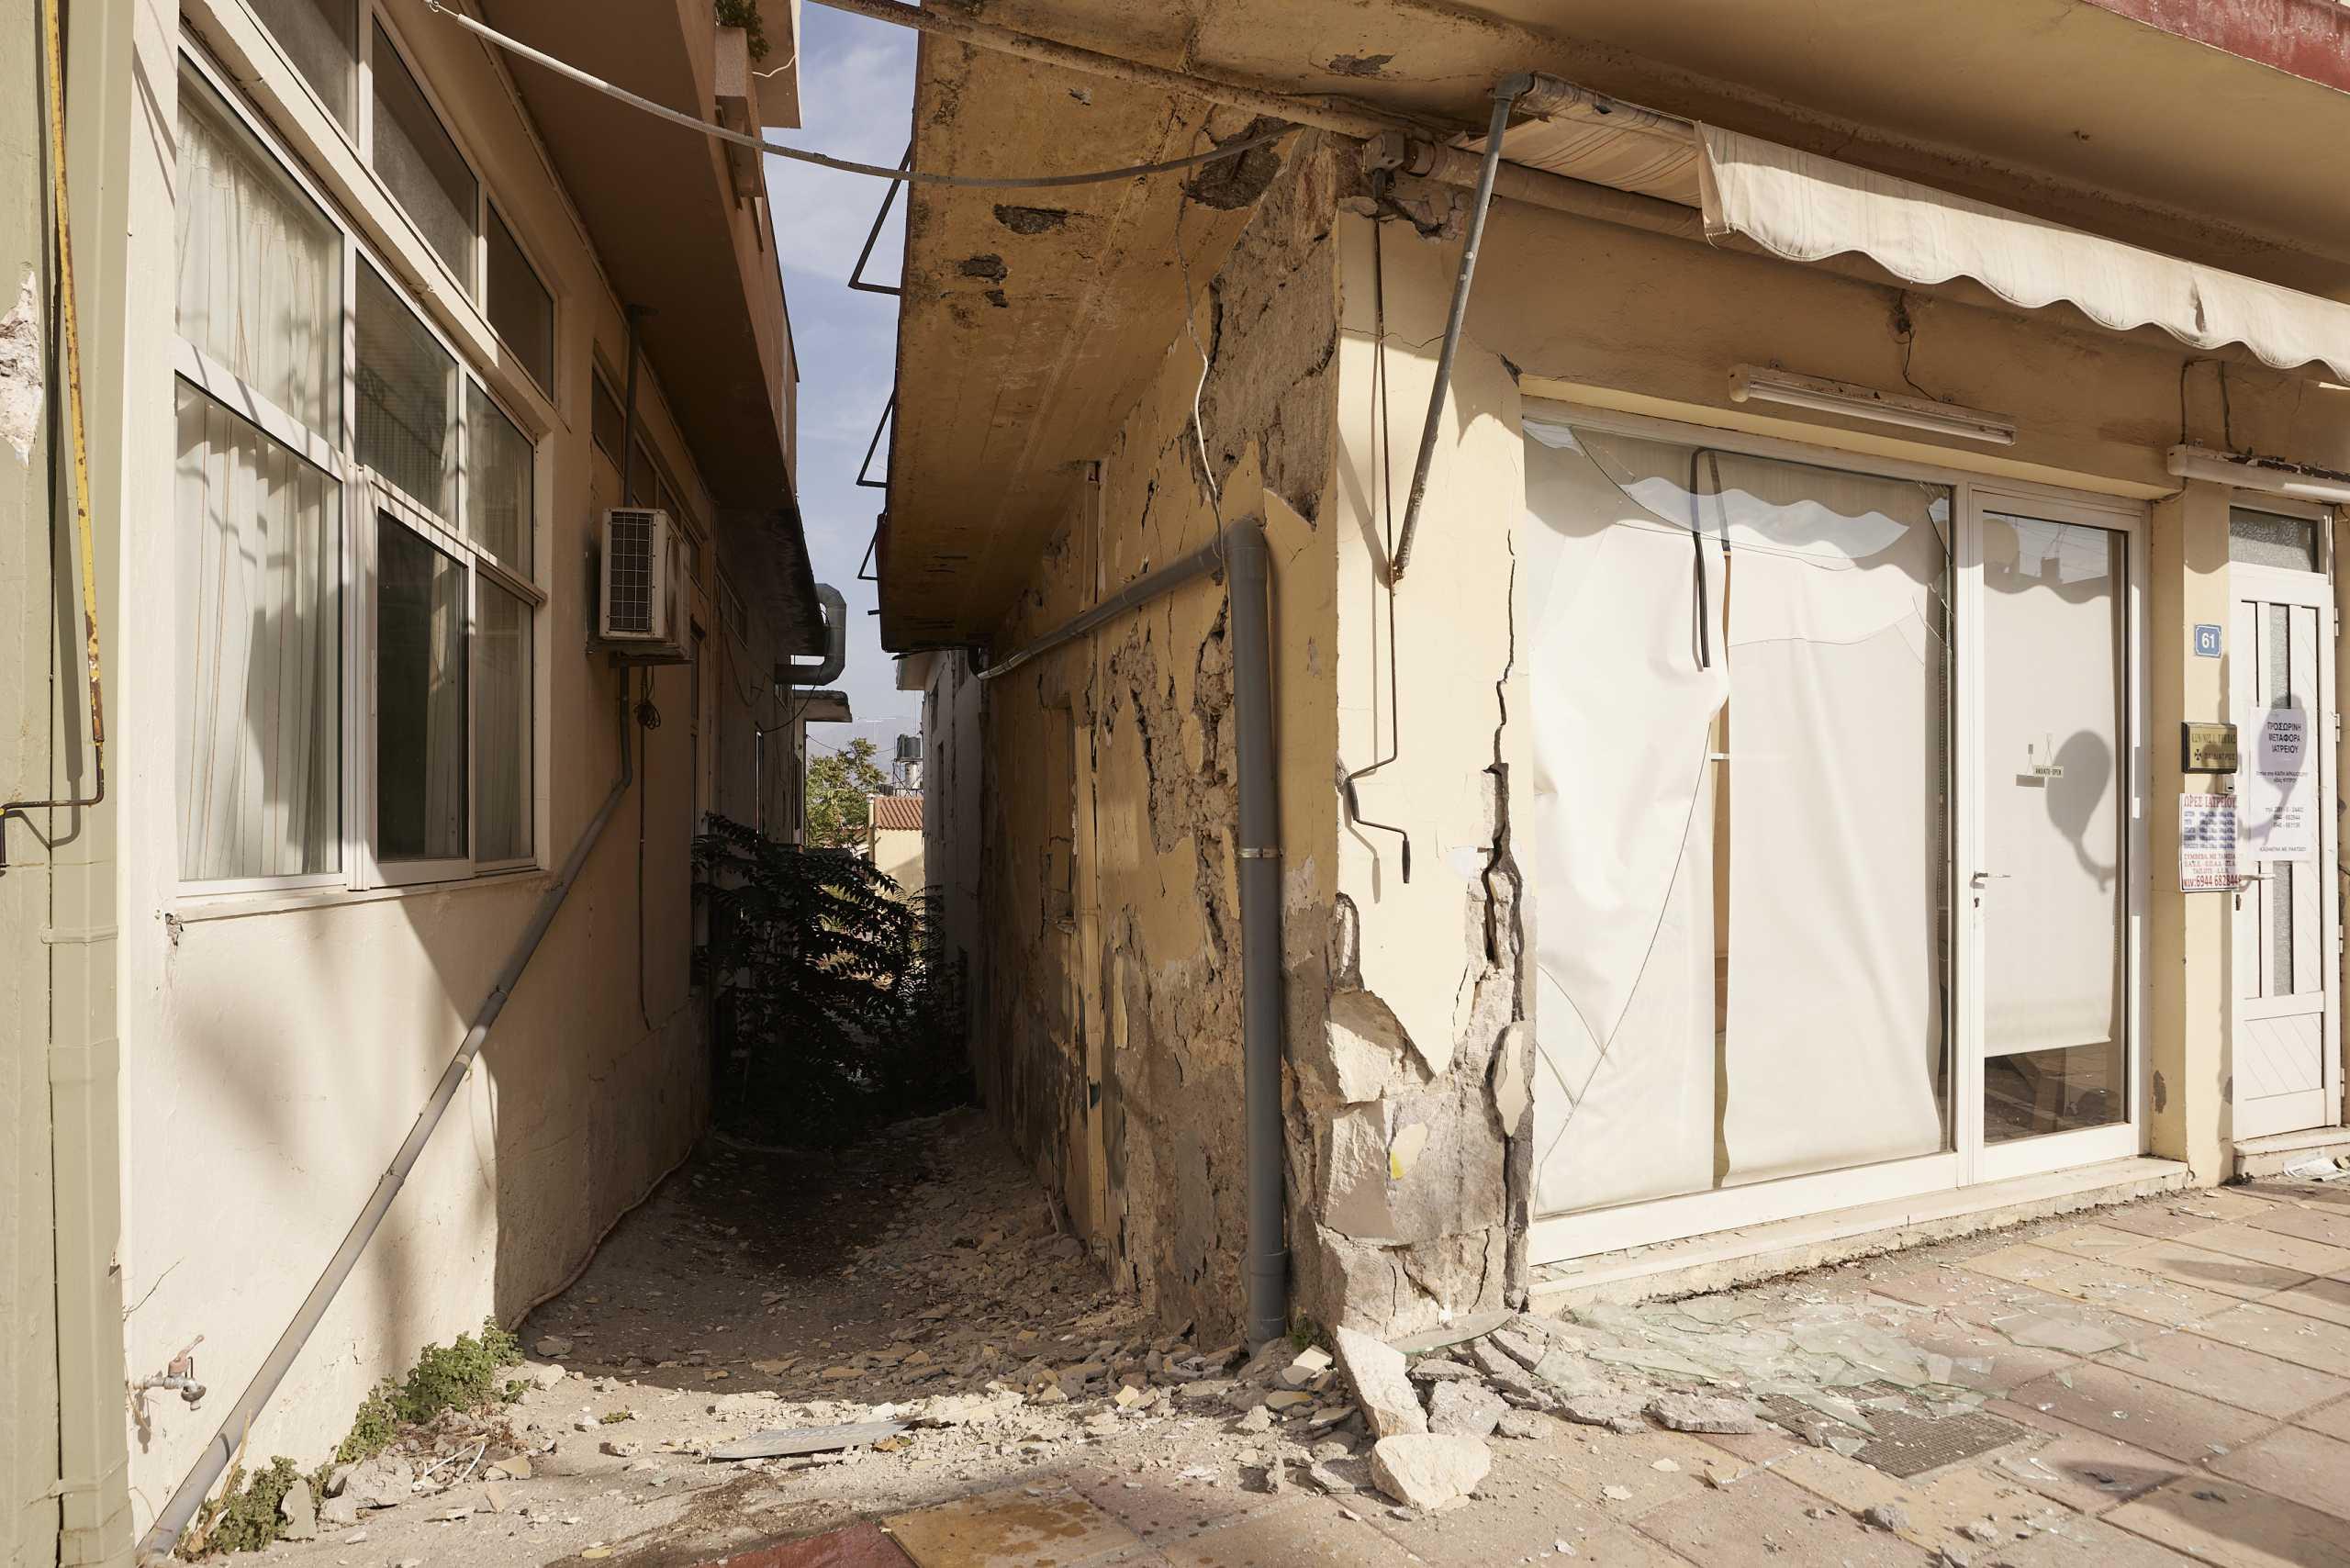 Σεισμός στην Κρήτη: Πάνω από 800 κτίρια ακατάλληλα – Συνεχίζονται οι έλεγχοι